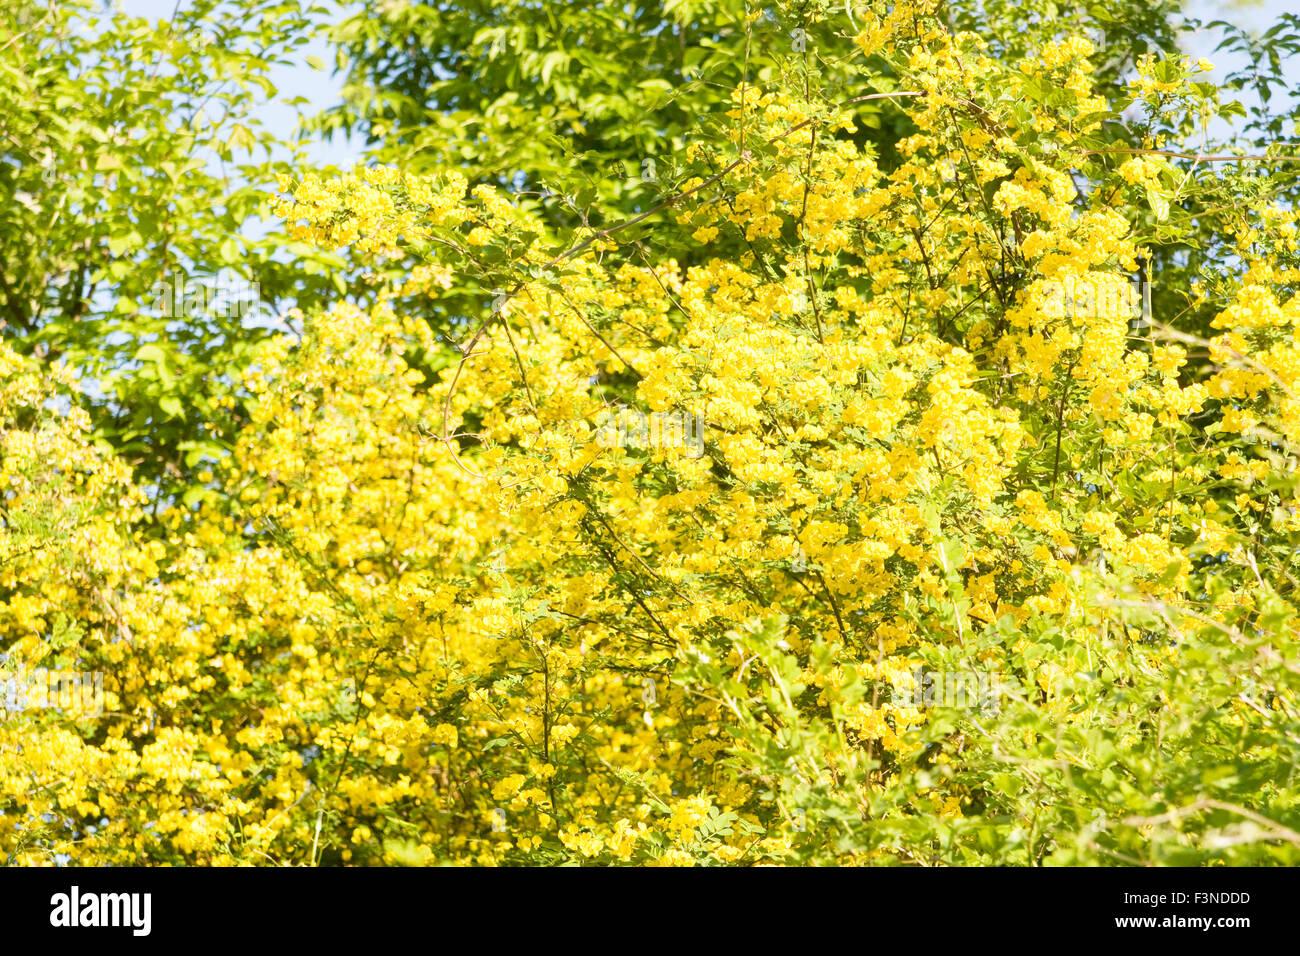 Arbusto A Fiori Gialli arbusto con molti fiori gialli giallo acacia, nome latino